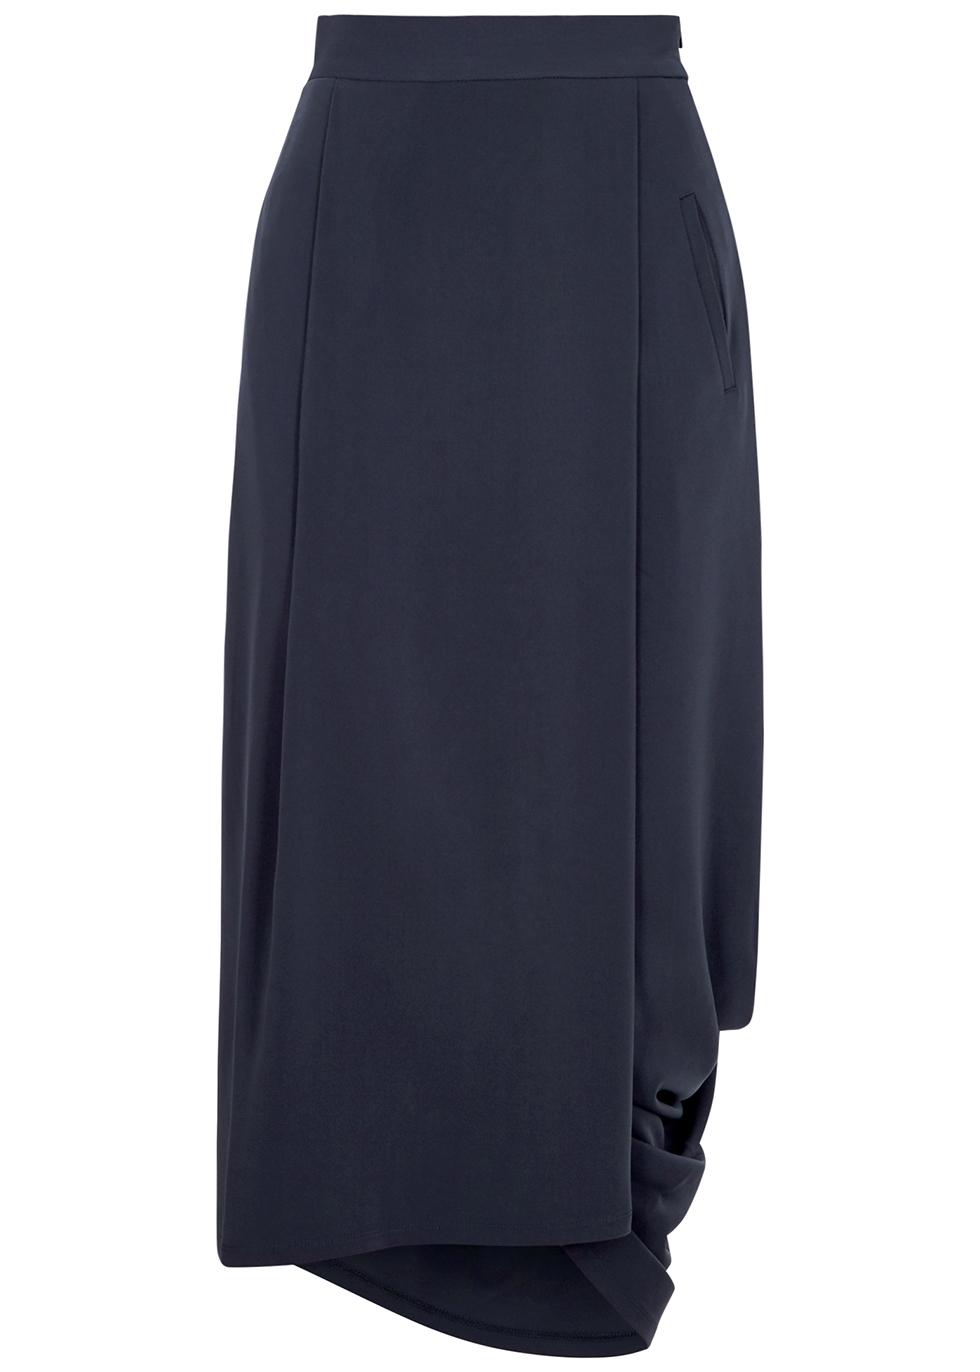 Undulate navy draped midi skirt